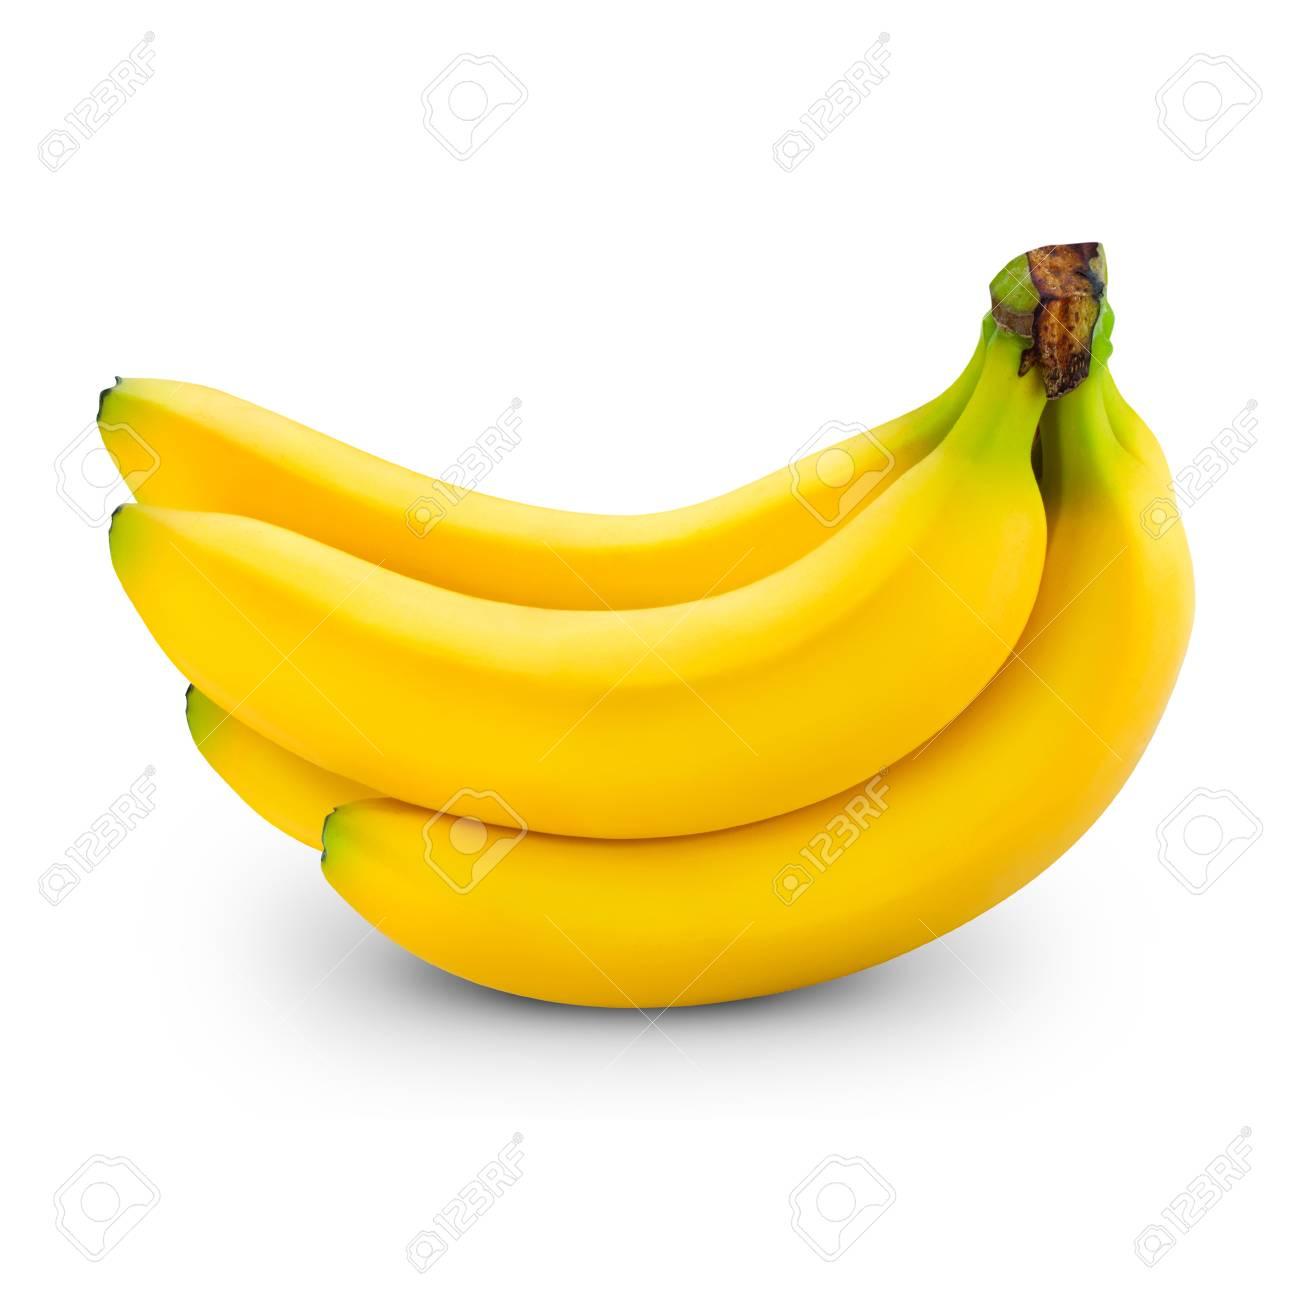 banana isolated on white - 98294112